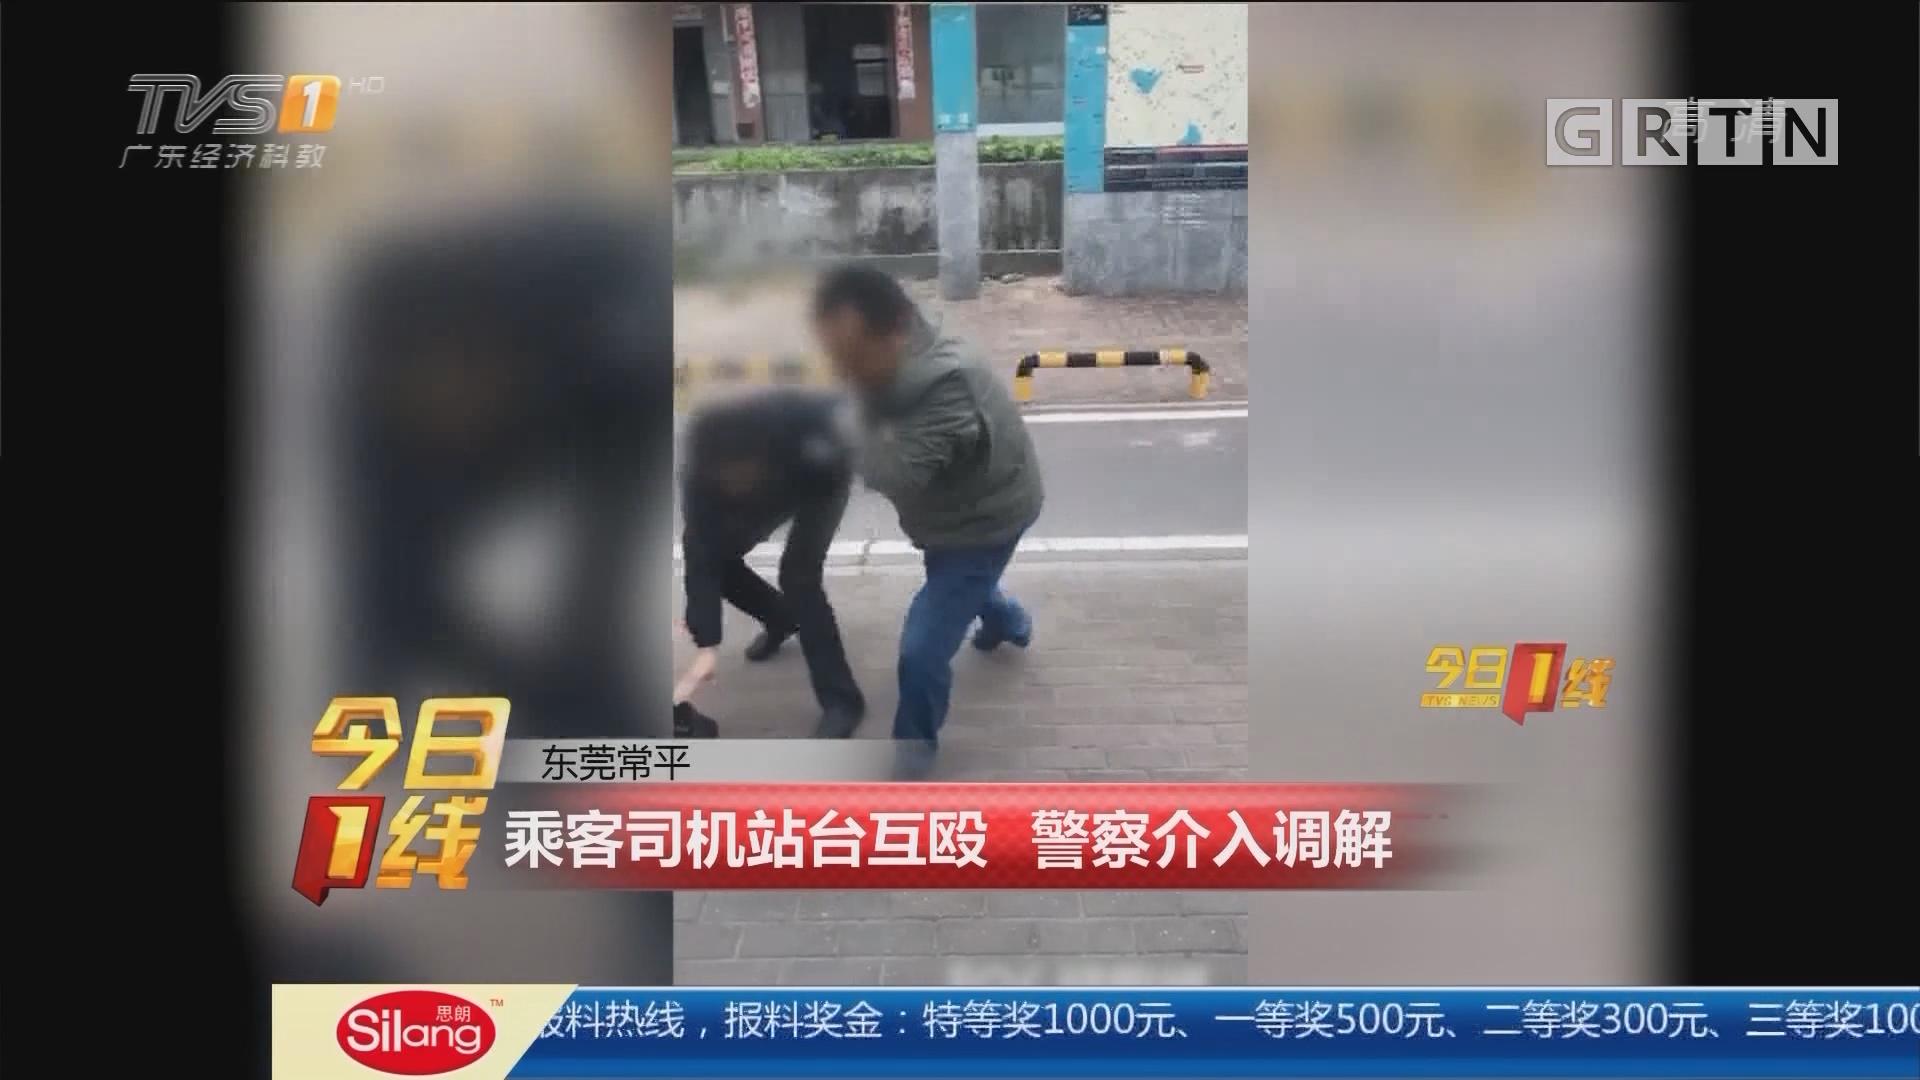 东莞常平:乘客司机站台互殴 警察介入调解